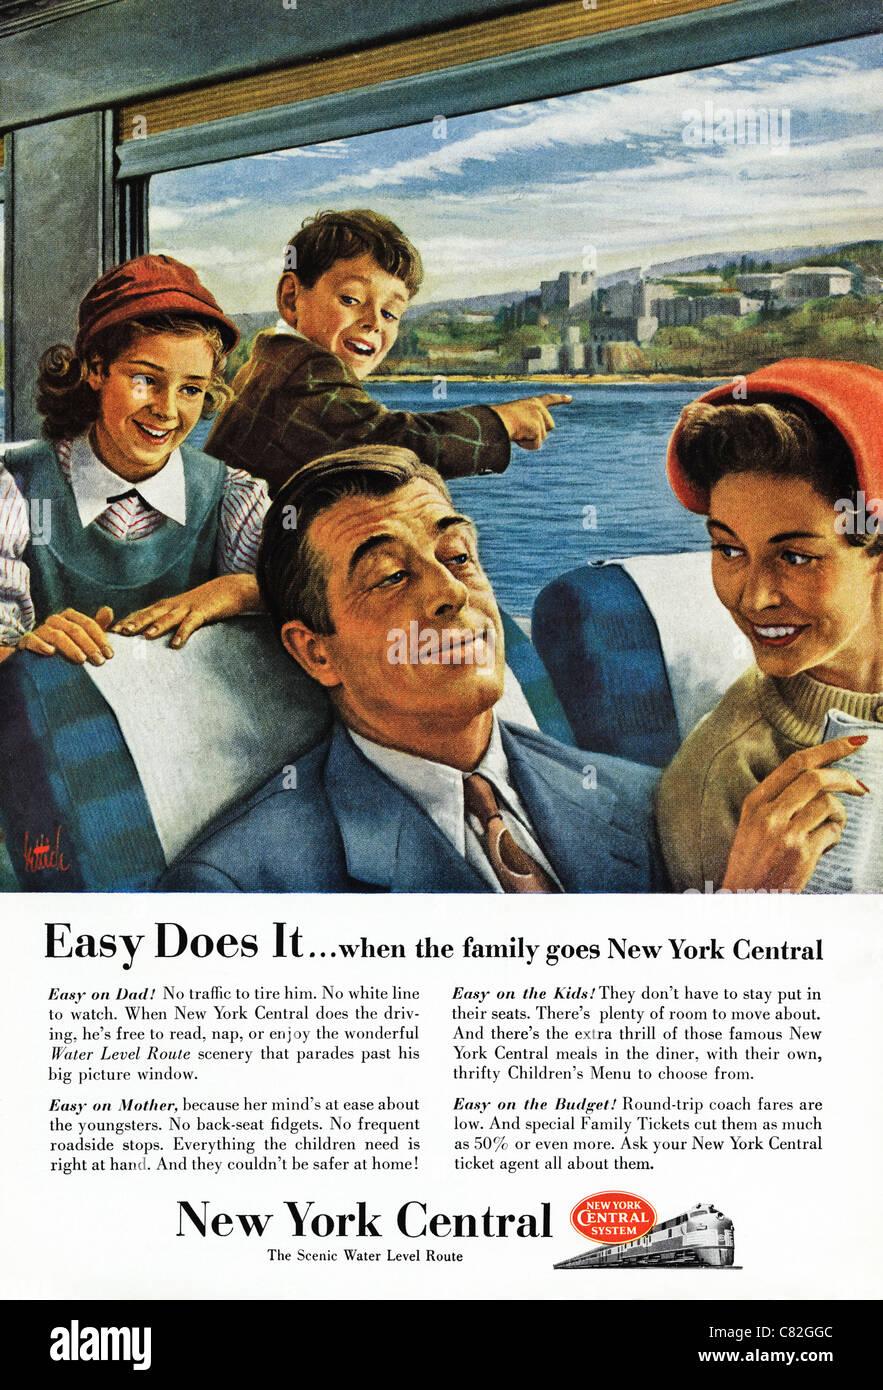 American annuncio rivista 1954 circa pubblicità viaggi in famiglia sul NEW YORK central railway Immagini Stock